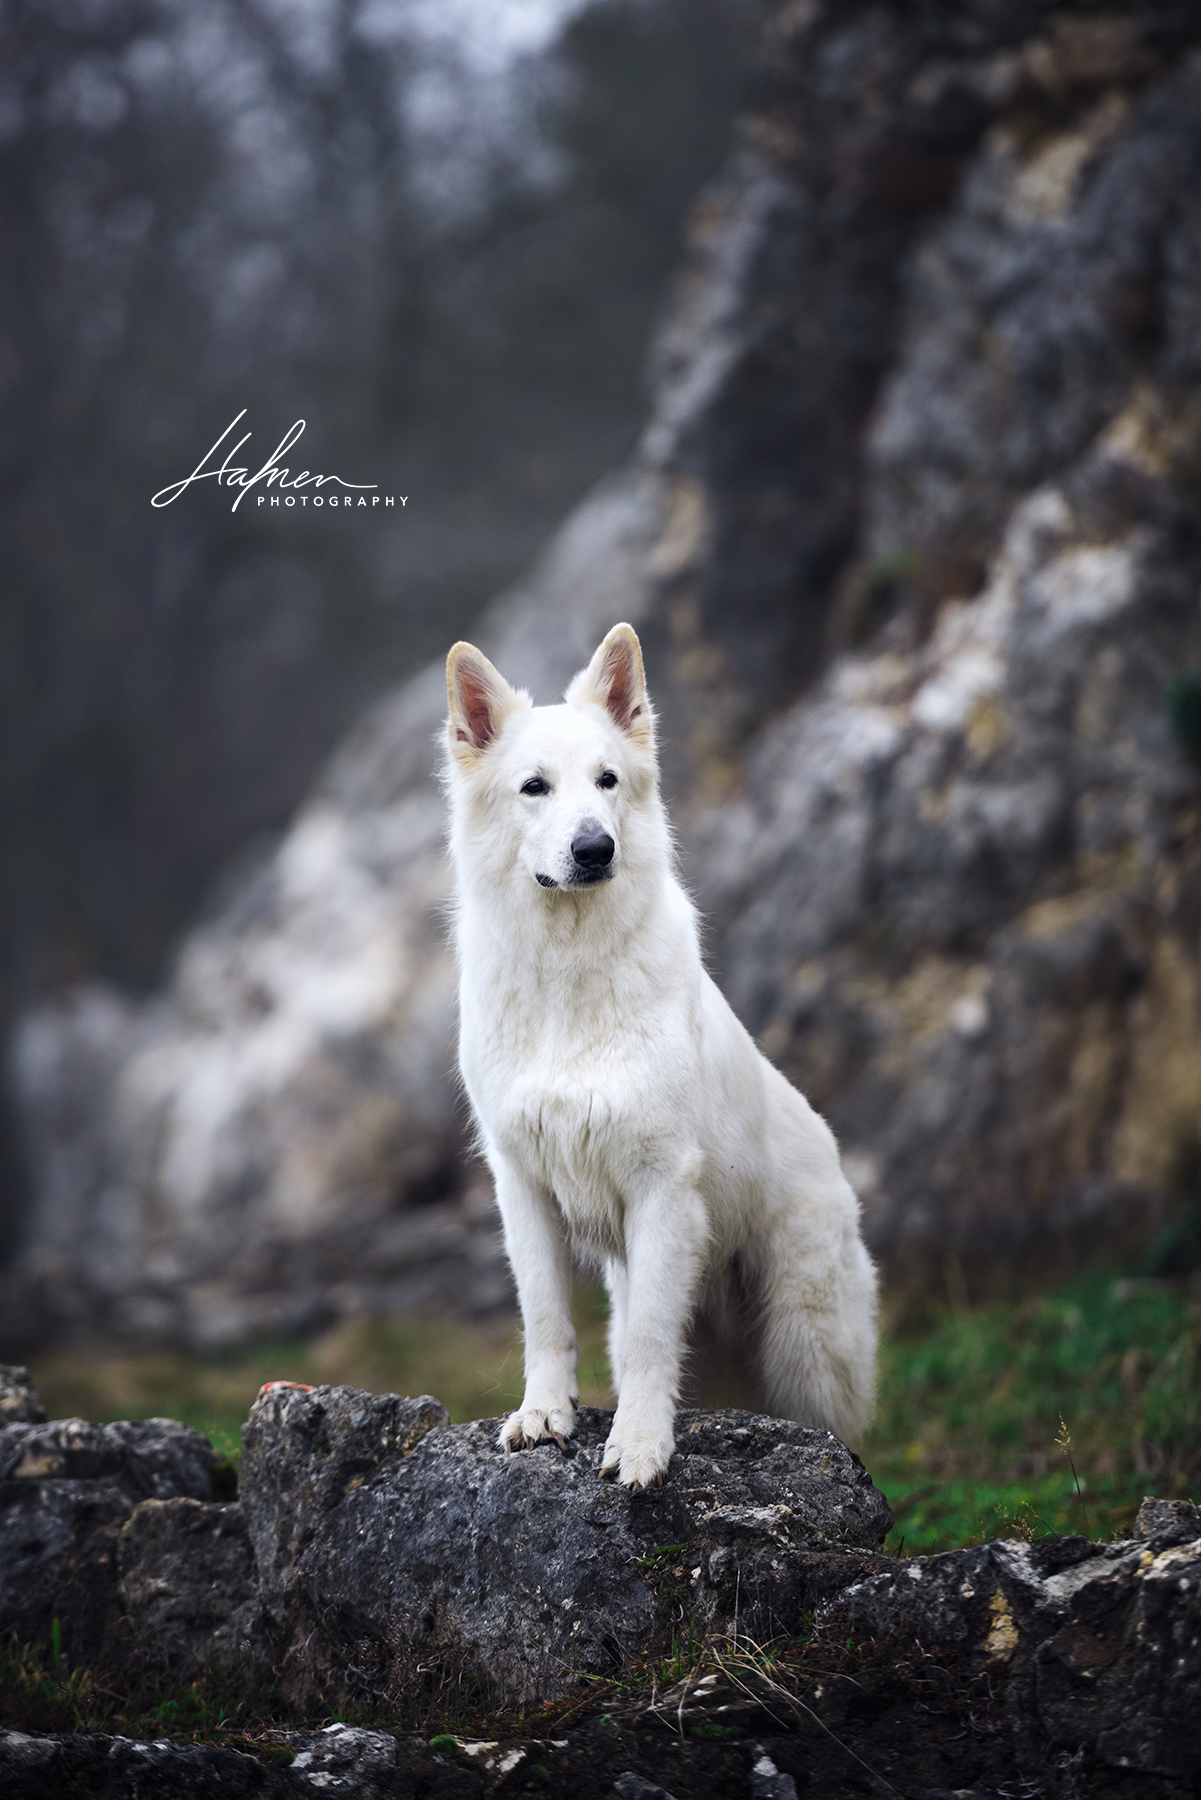 Schweizer Weisser Schaferhund Steht Vor Einer Steinwand Bilder Foto Fotografie Fotoshooting Hundefoto Weisser Schaferhund Hunde Bilder Schaferhunde